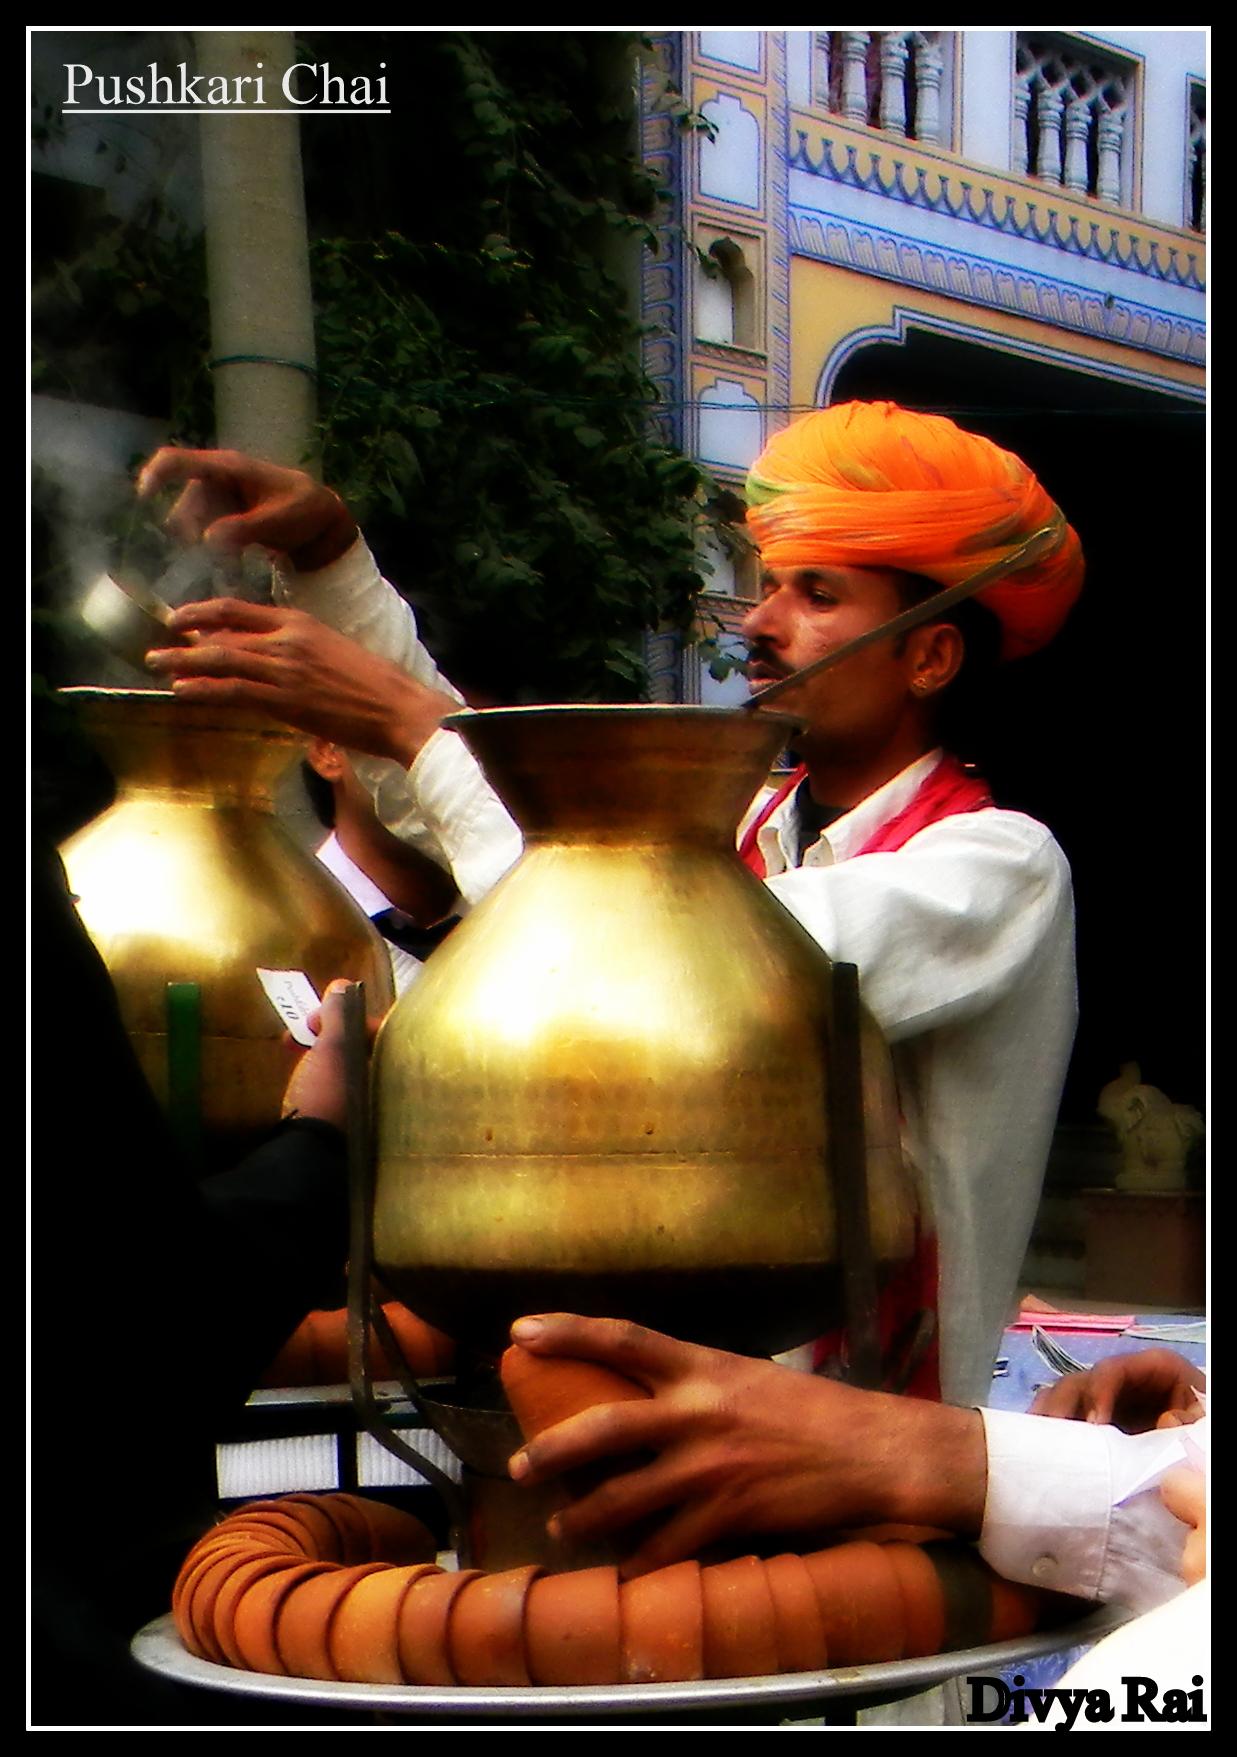 Pushkari chai